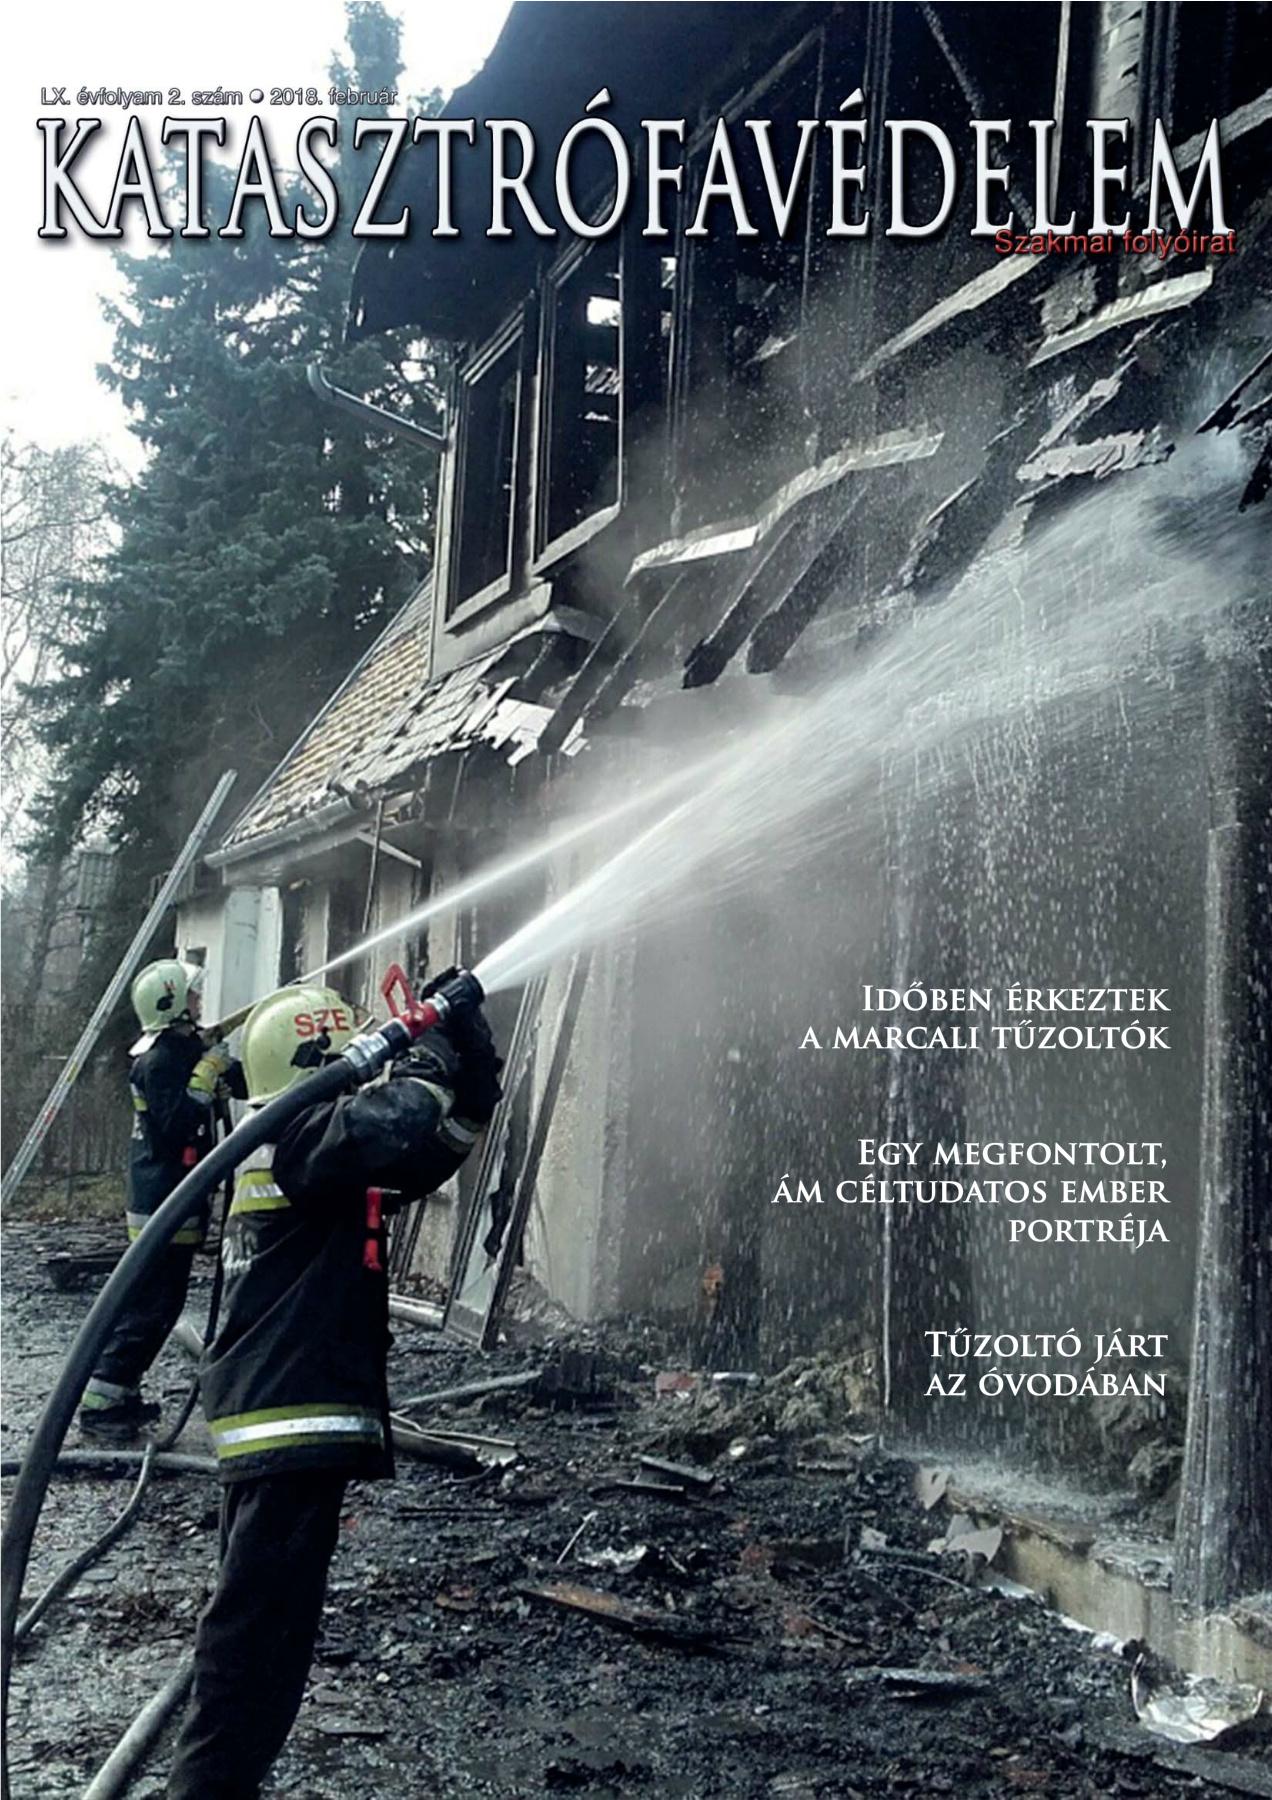 A Katasztrófavédelem magazin LX. évfolyam 2. szám megtekintése